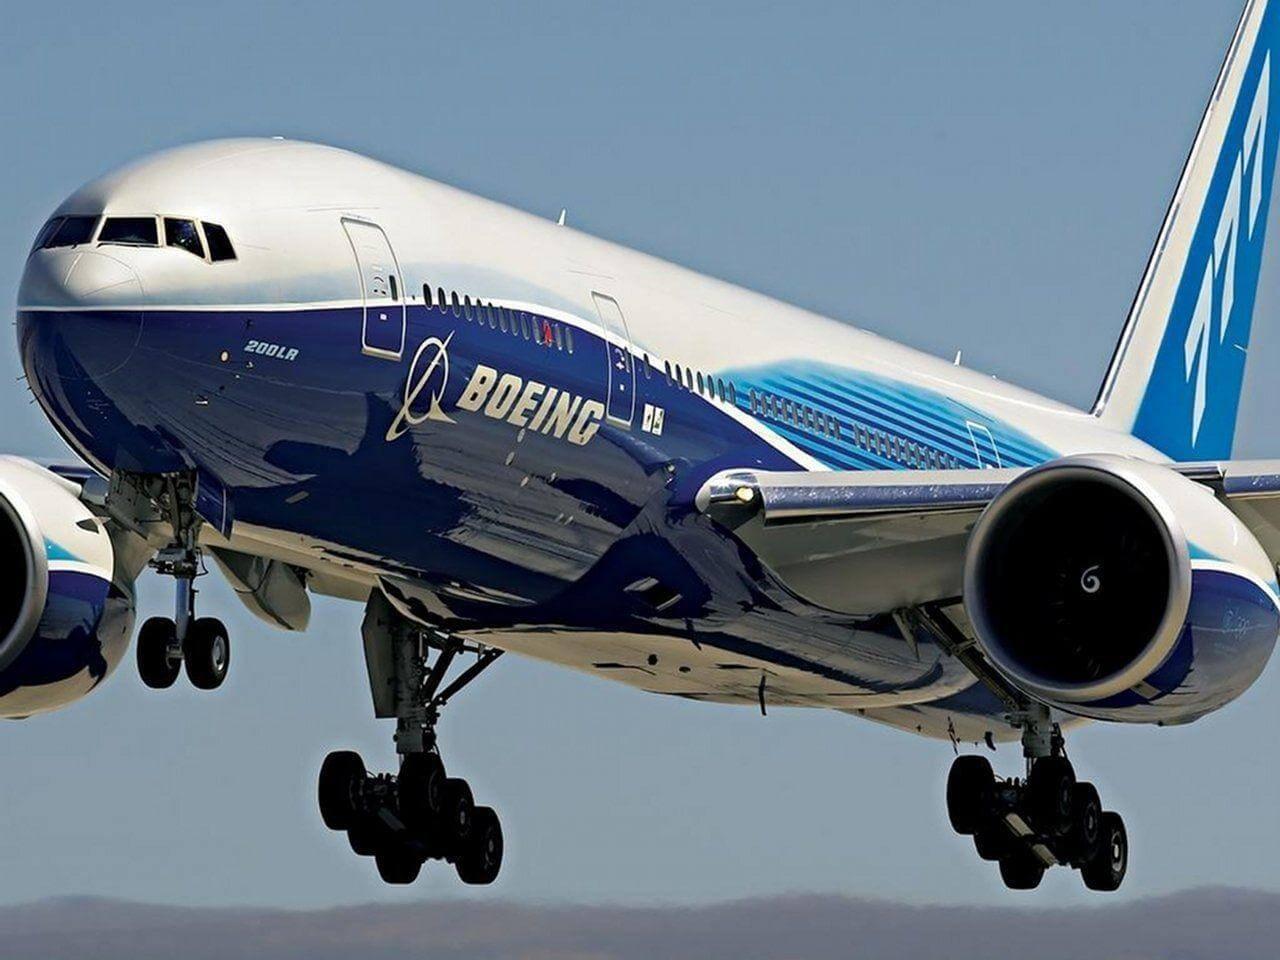 DTÖ Boeing ile İlgili Davada ABD Aleyhine Karar Verdi